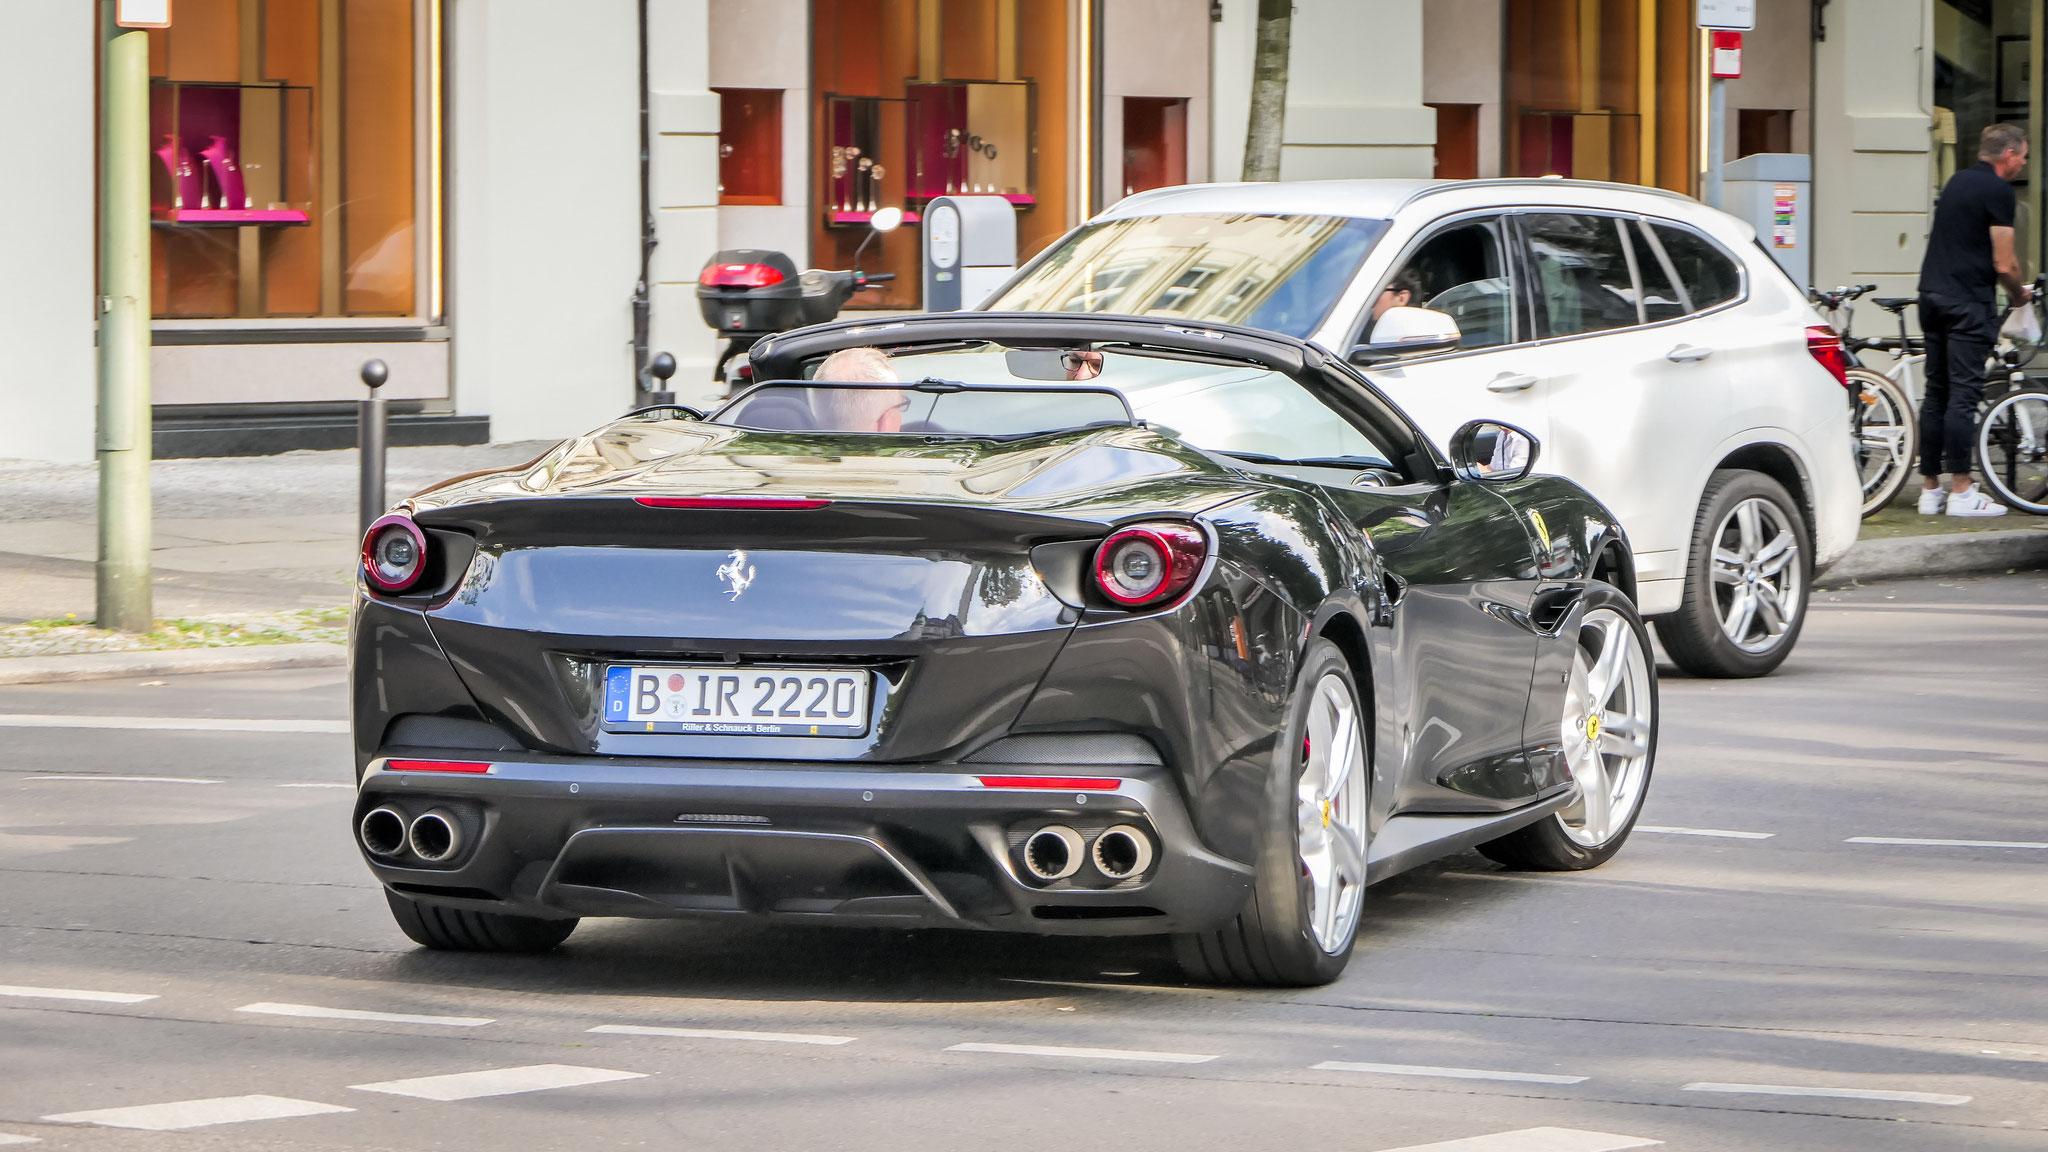 Ferrari Portofino - B-IR-2220